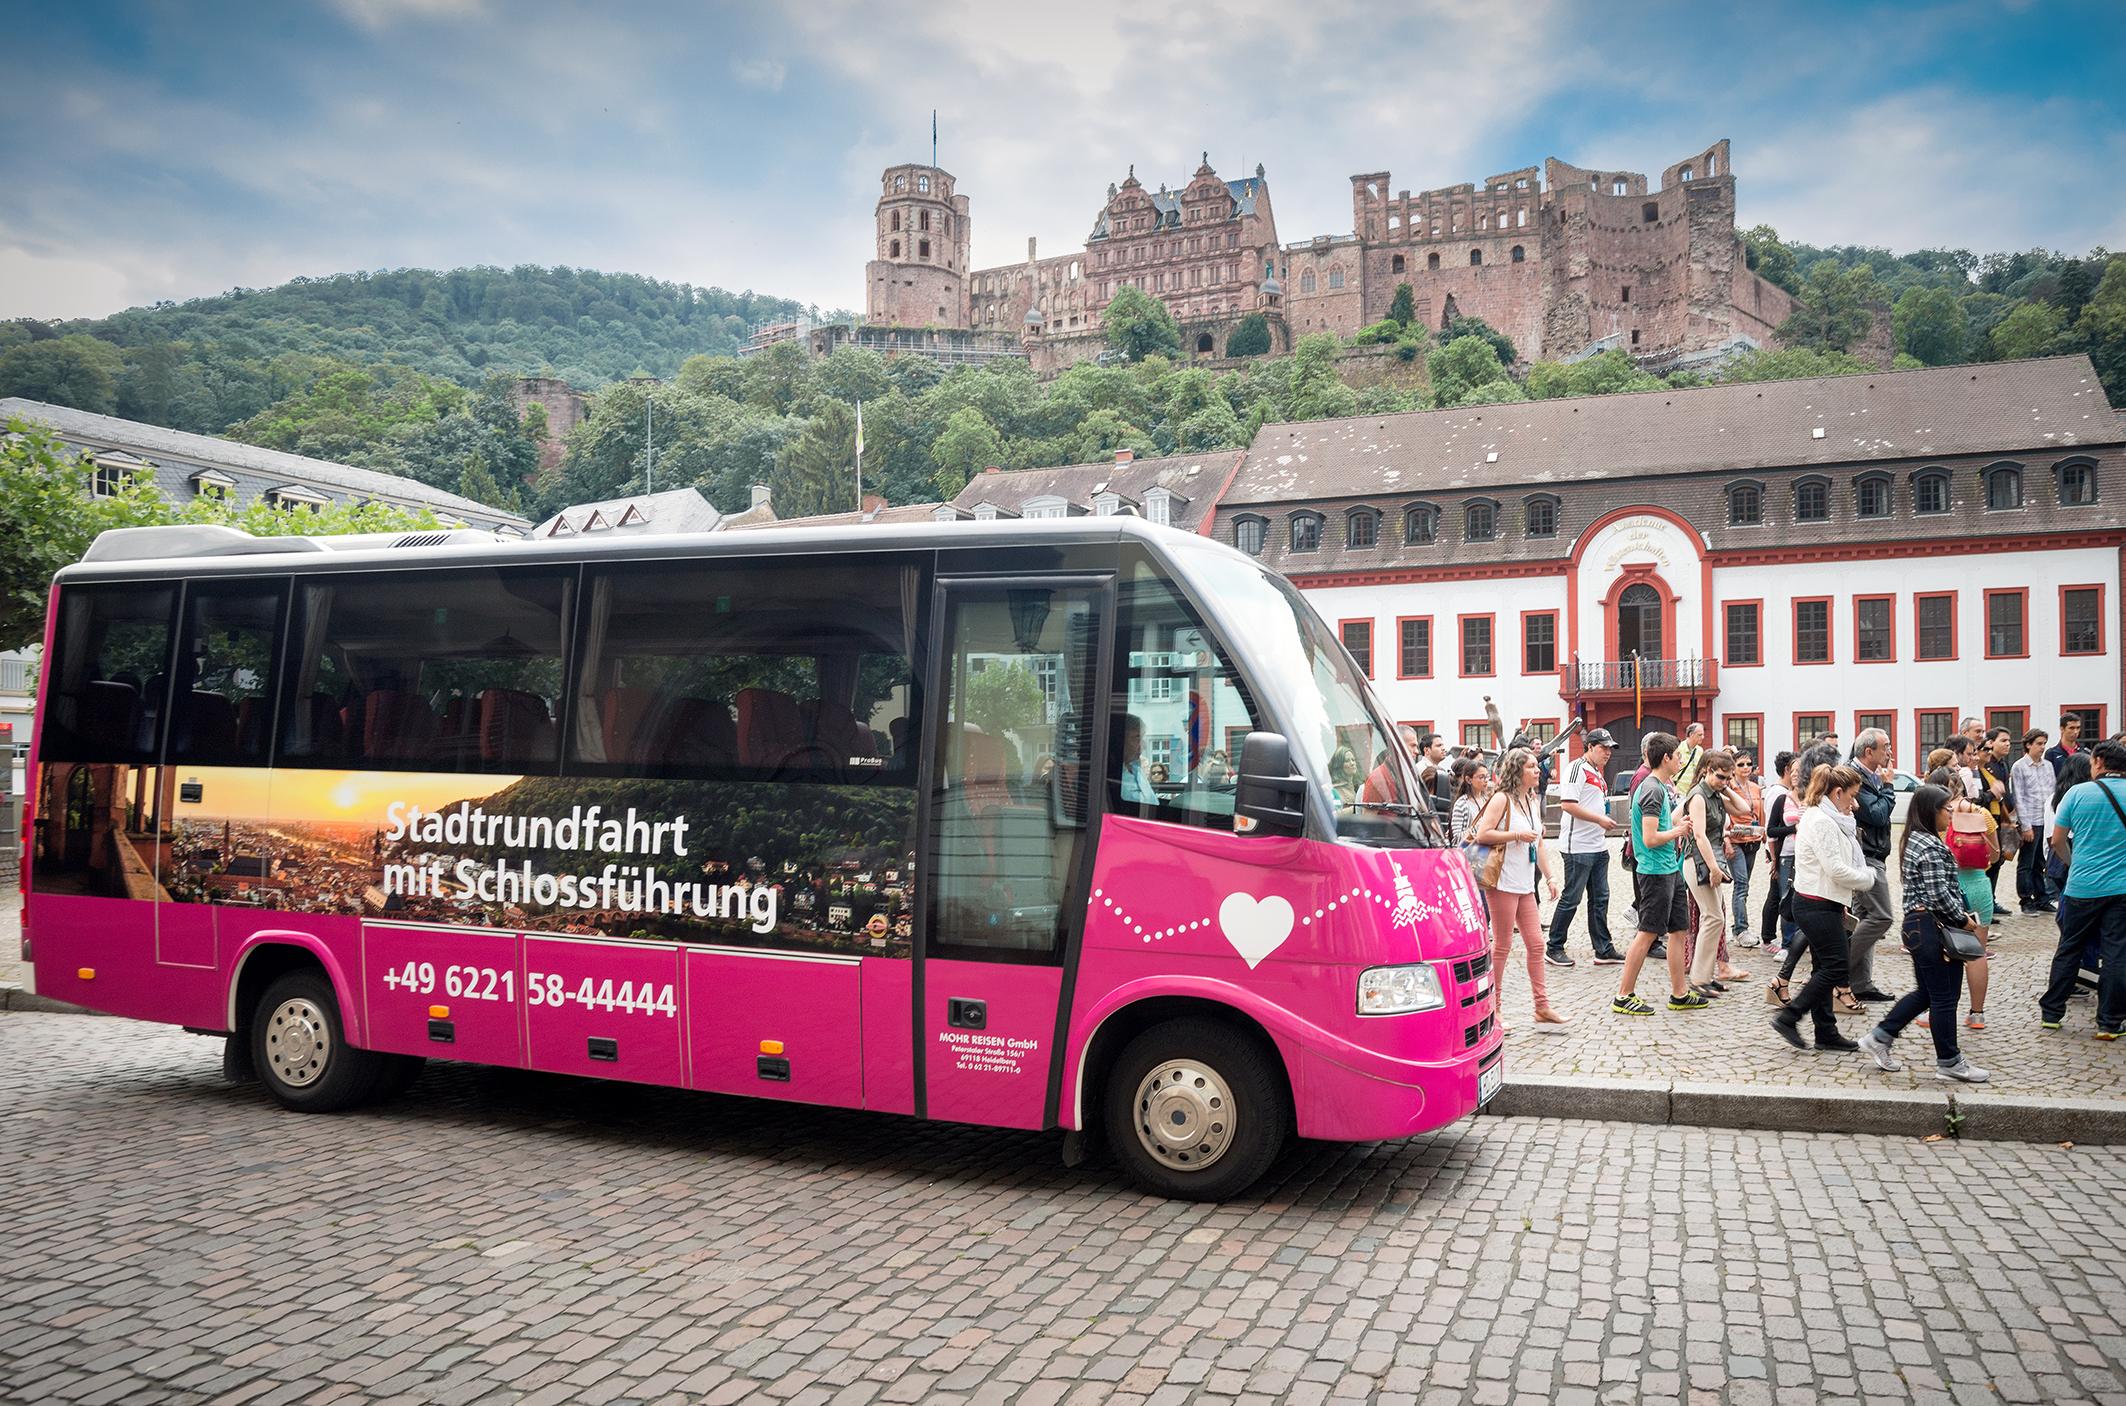 Foto-3-©-Heidelberg-Marketing-GmbH-Foto-Tobias-Schwerdt